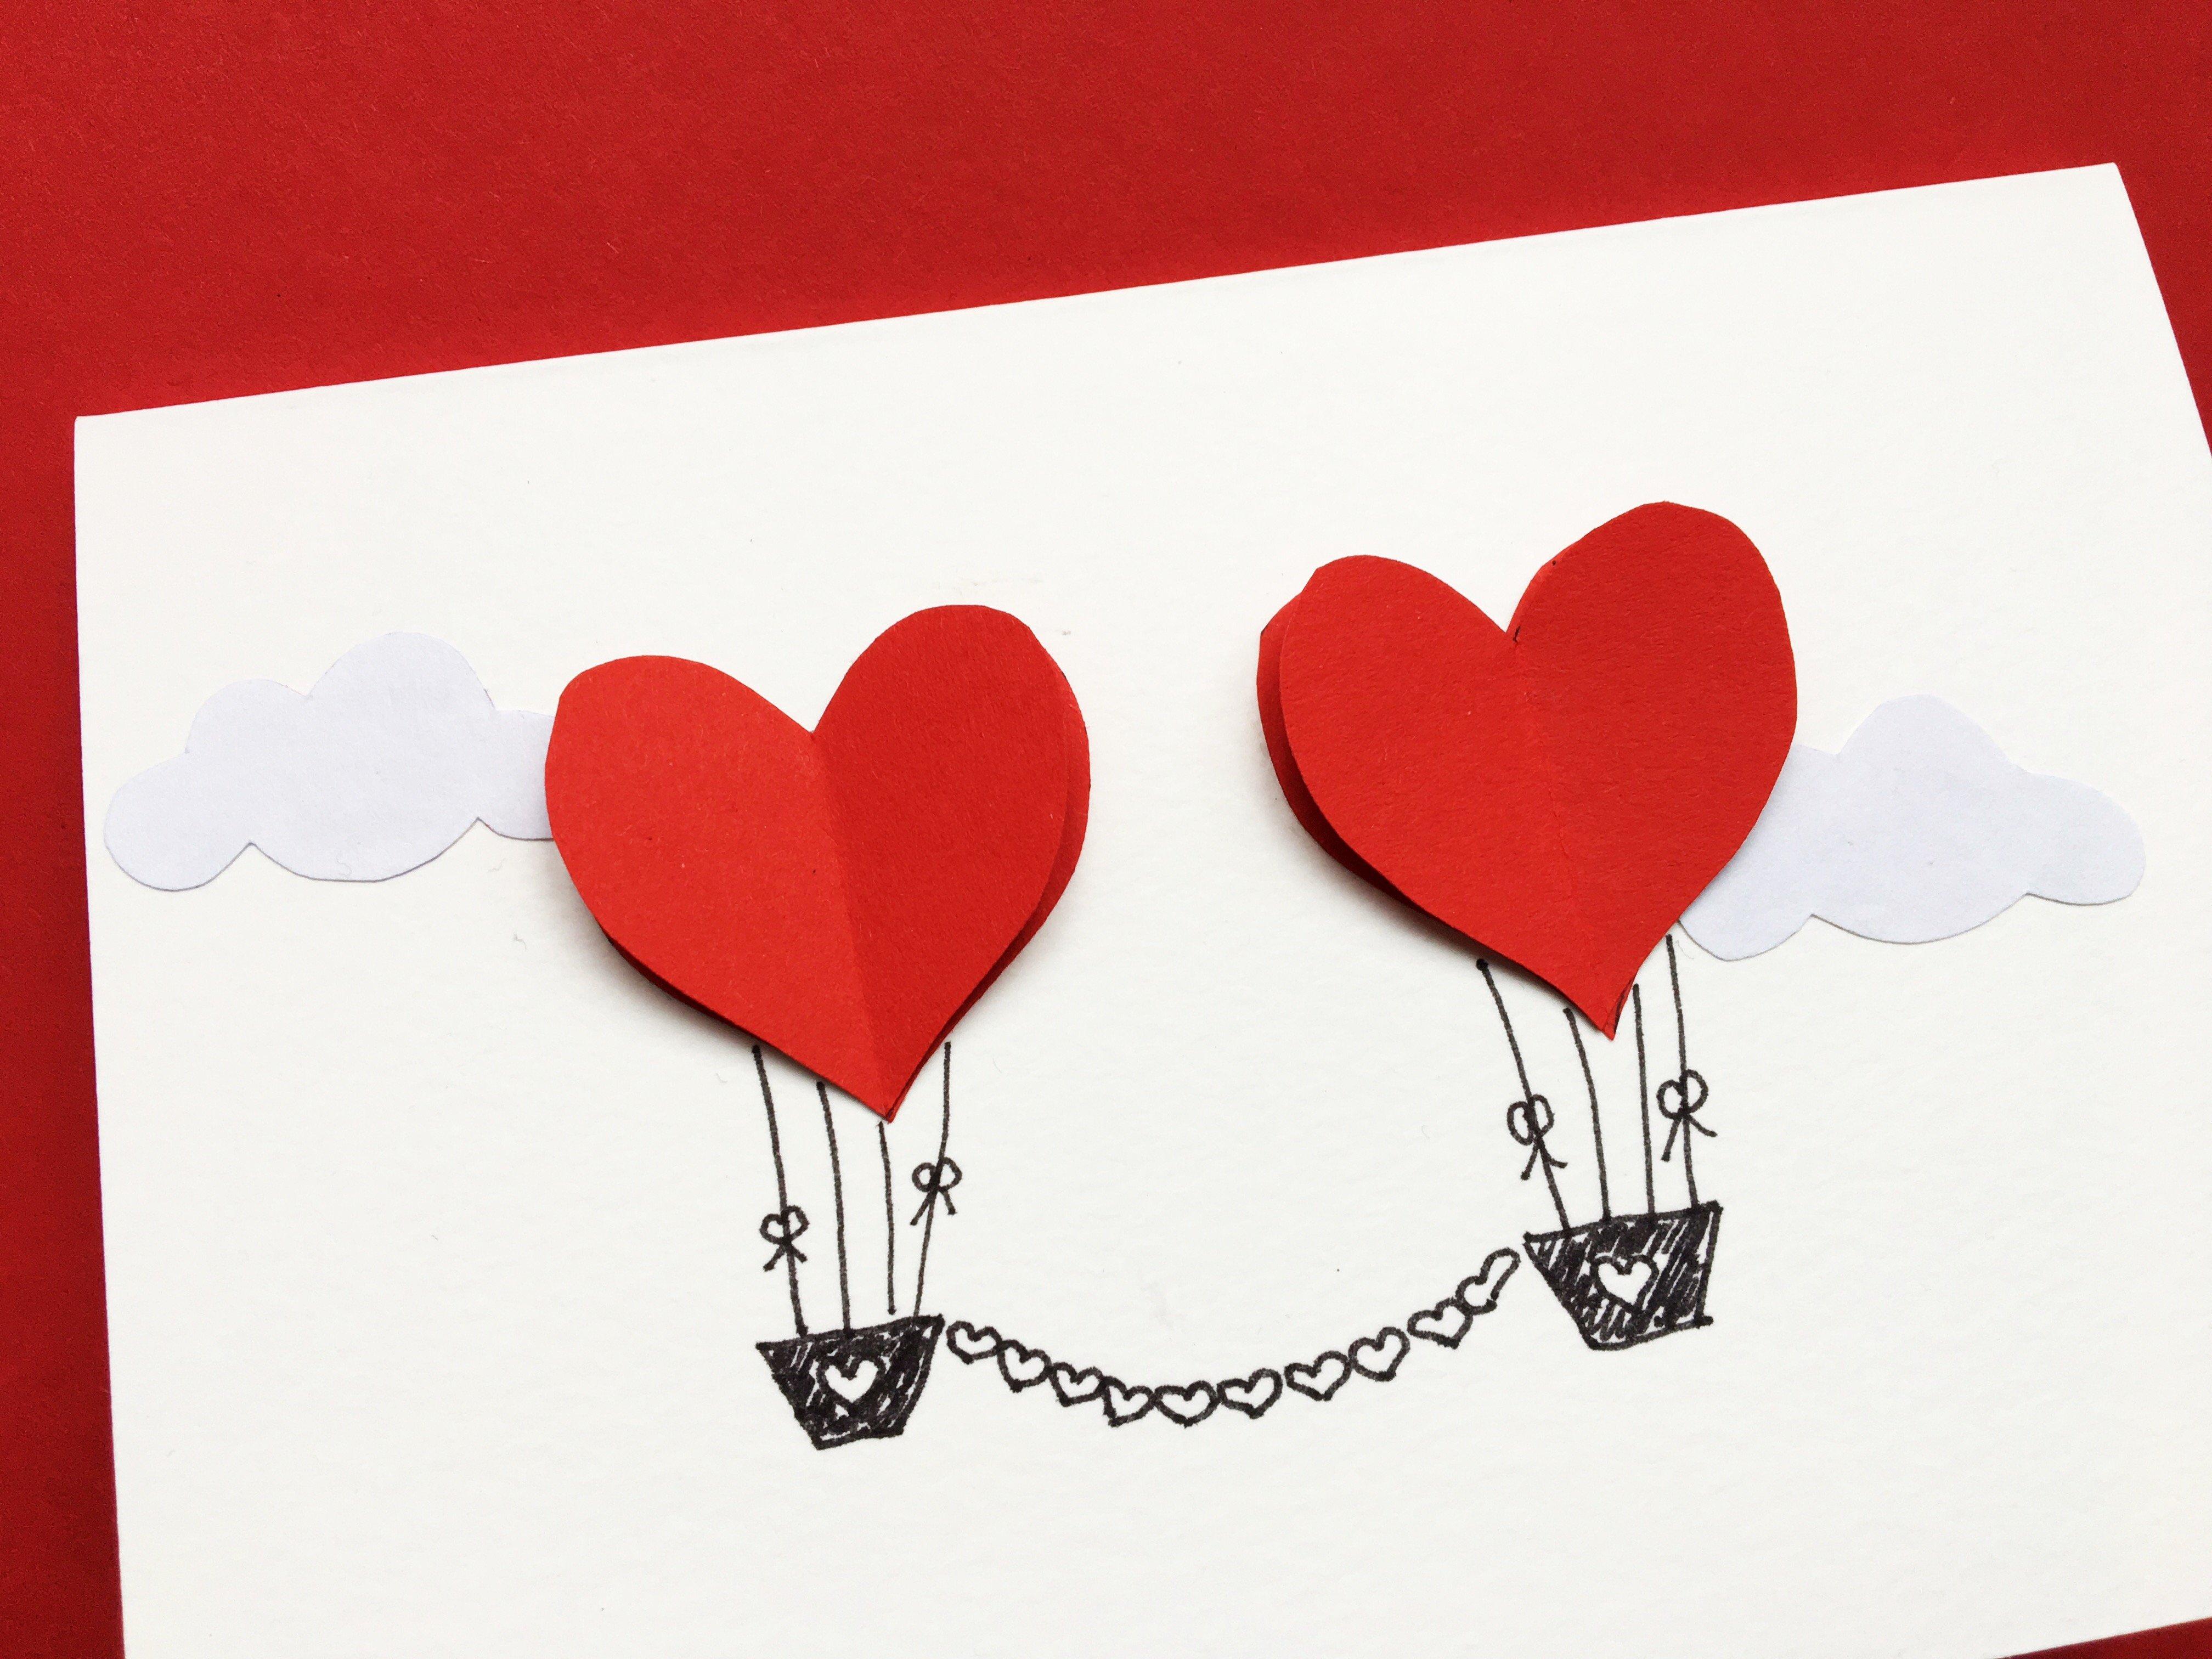 Foto 03.02.18 11 02 16 - Hochzeitskarte mit Herzen basteln